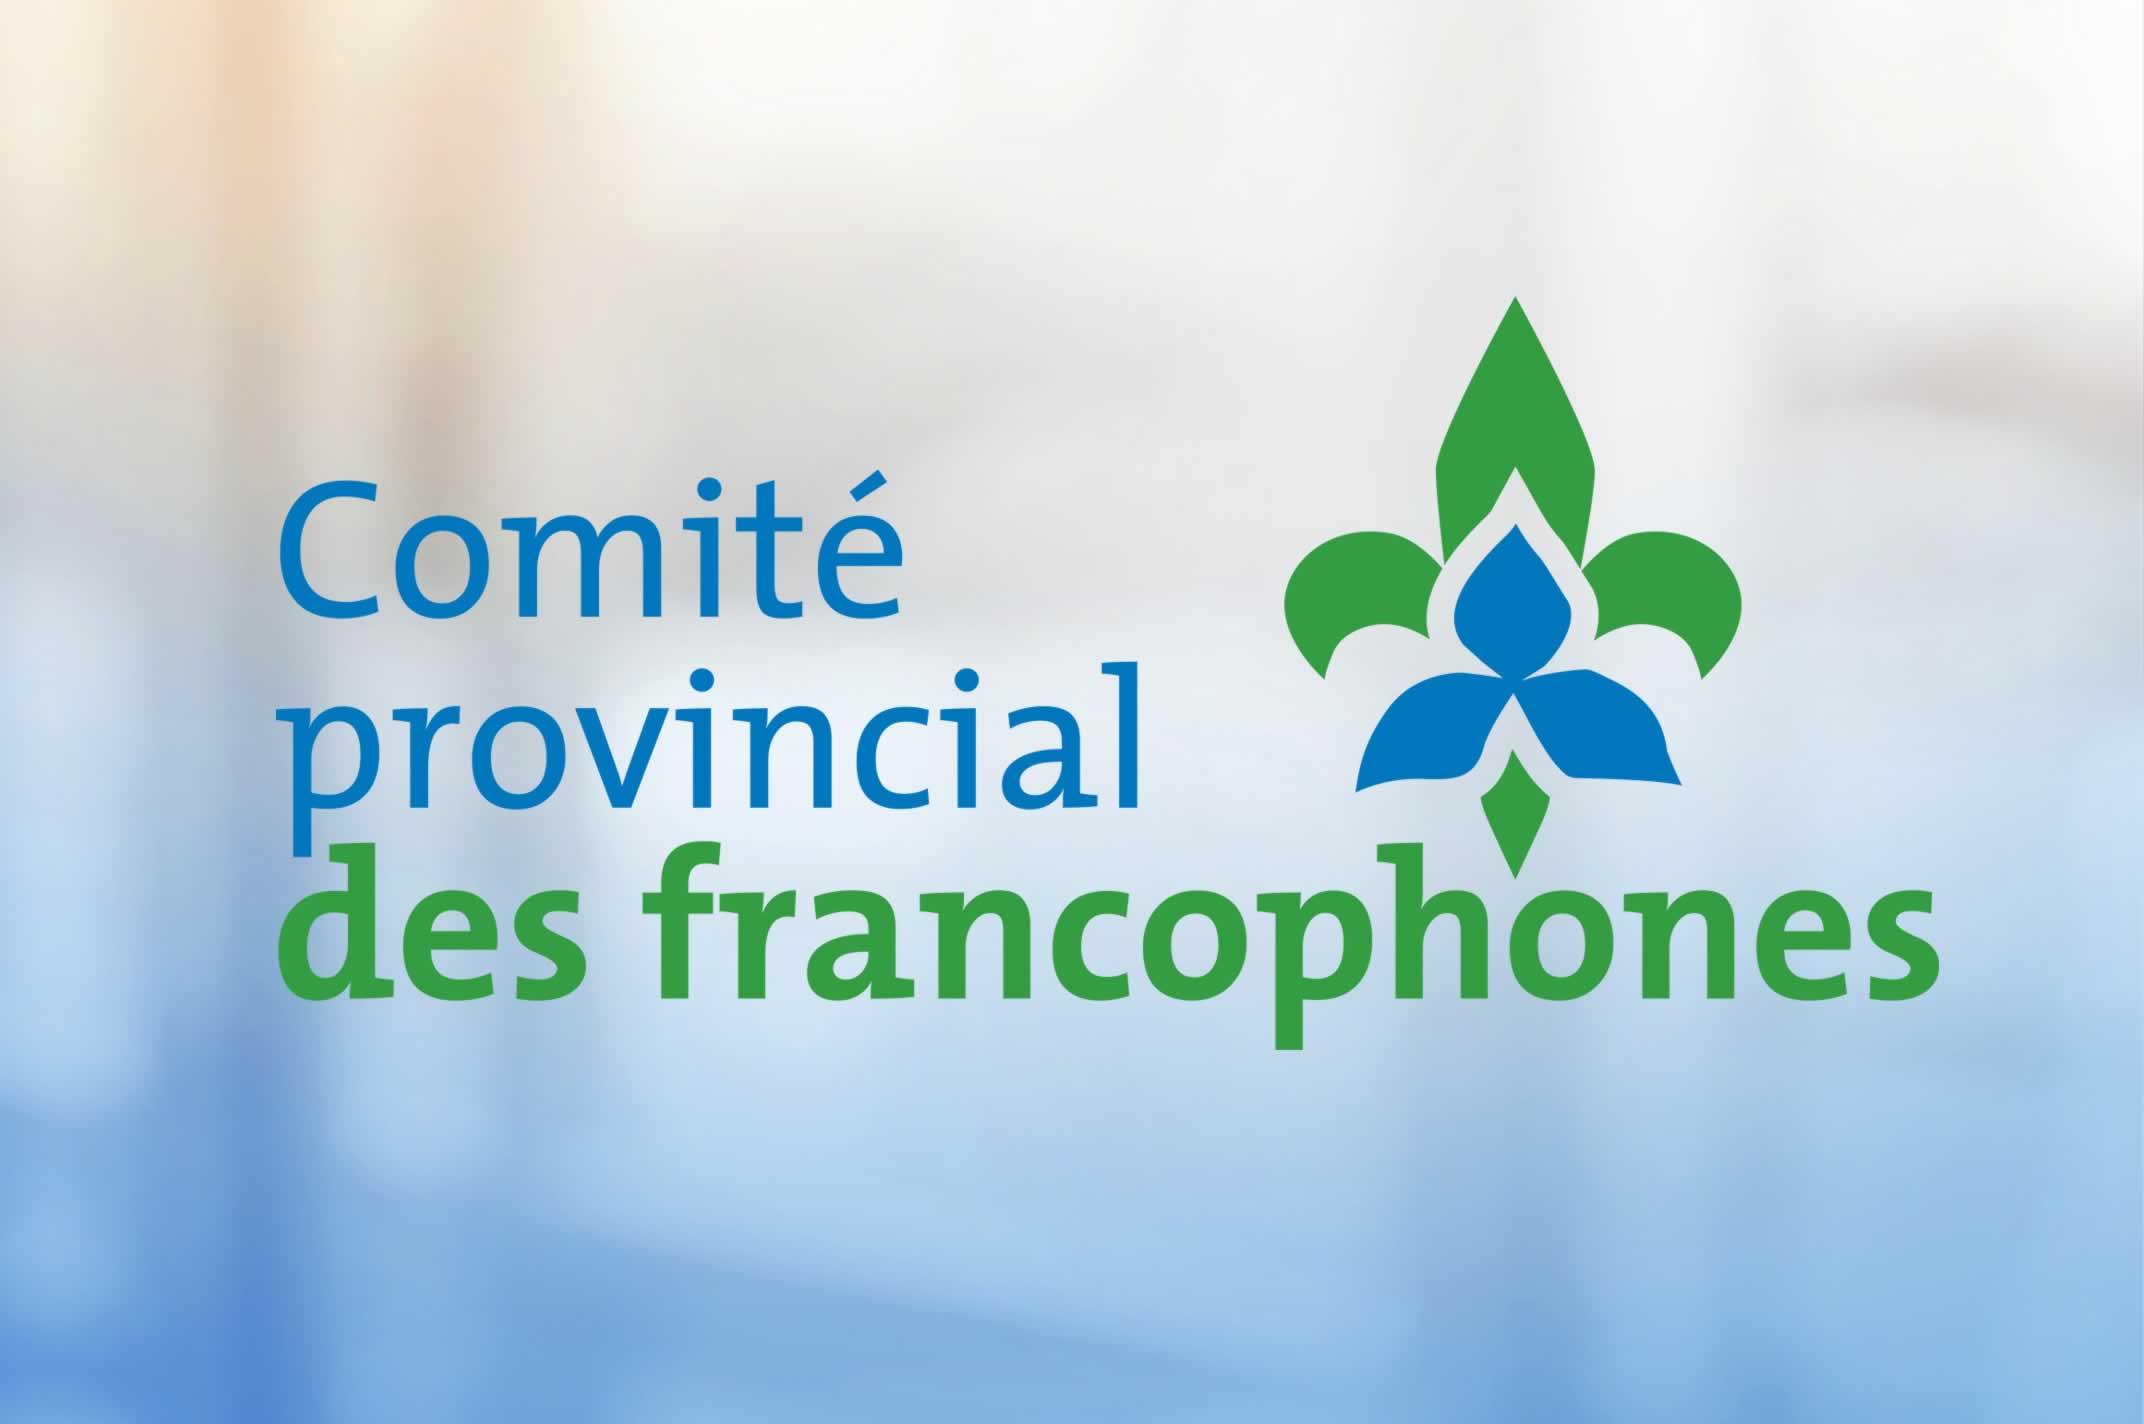 comite provincial des froncophones